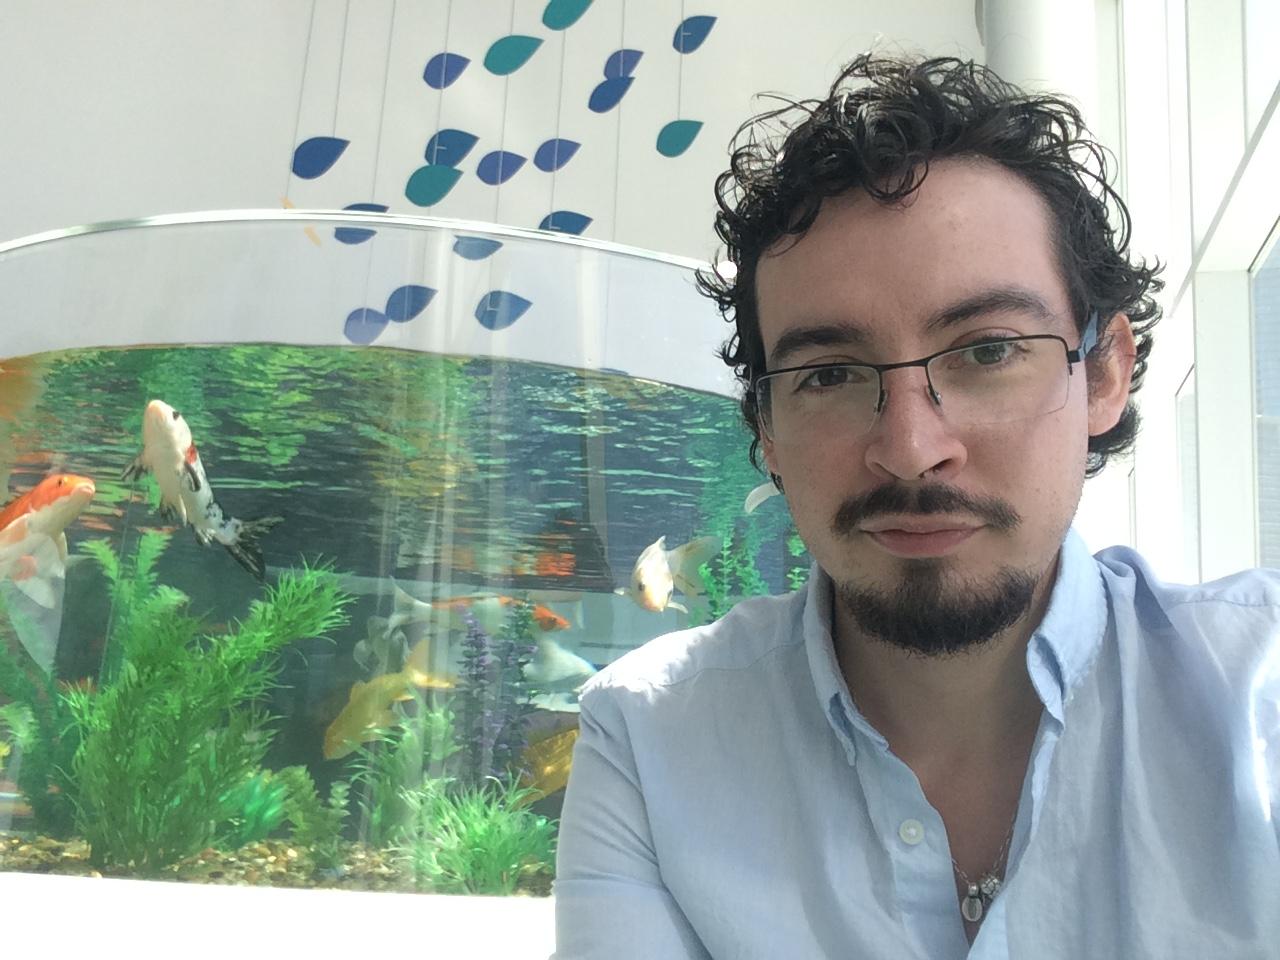 Egresado del Doctorado en Ciencias Ambientales recibe premio de la Academia Chilena de Ciencias